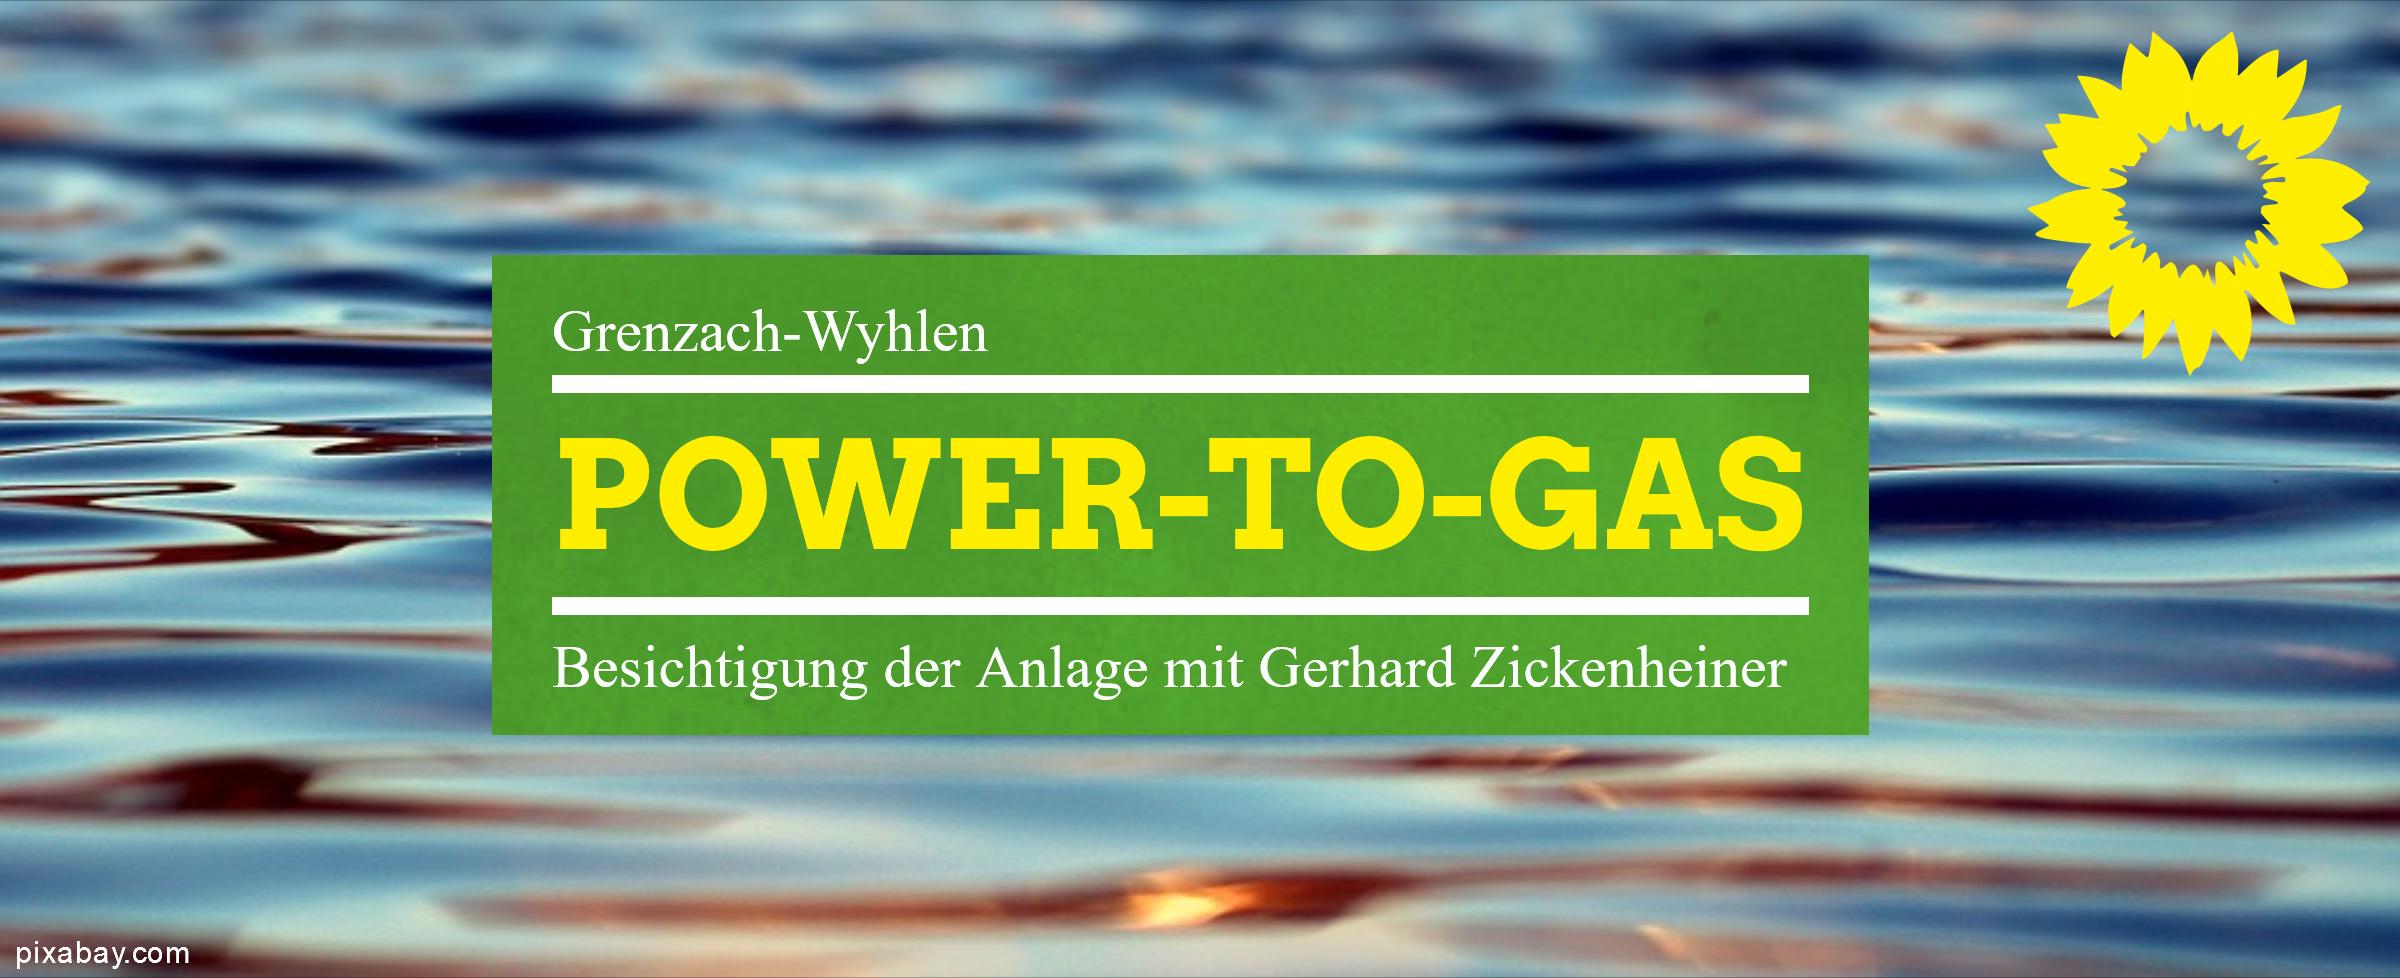 Unterwegs in Grenzach-Wyhlen mit Gerhard Zickenheiner